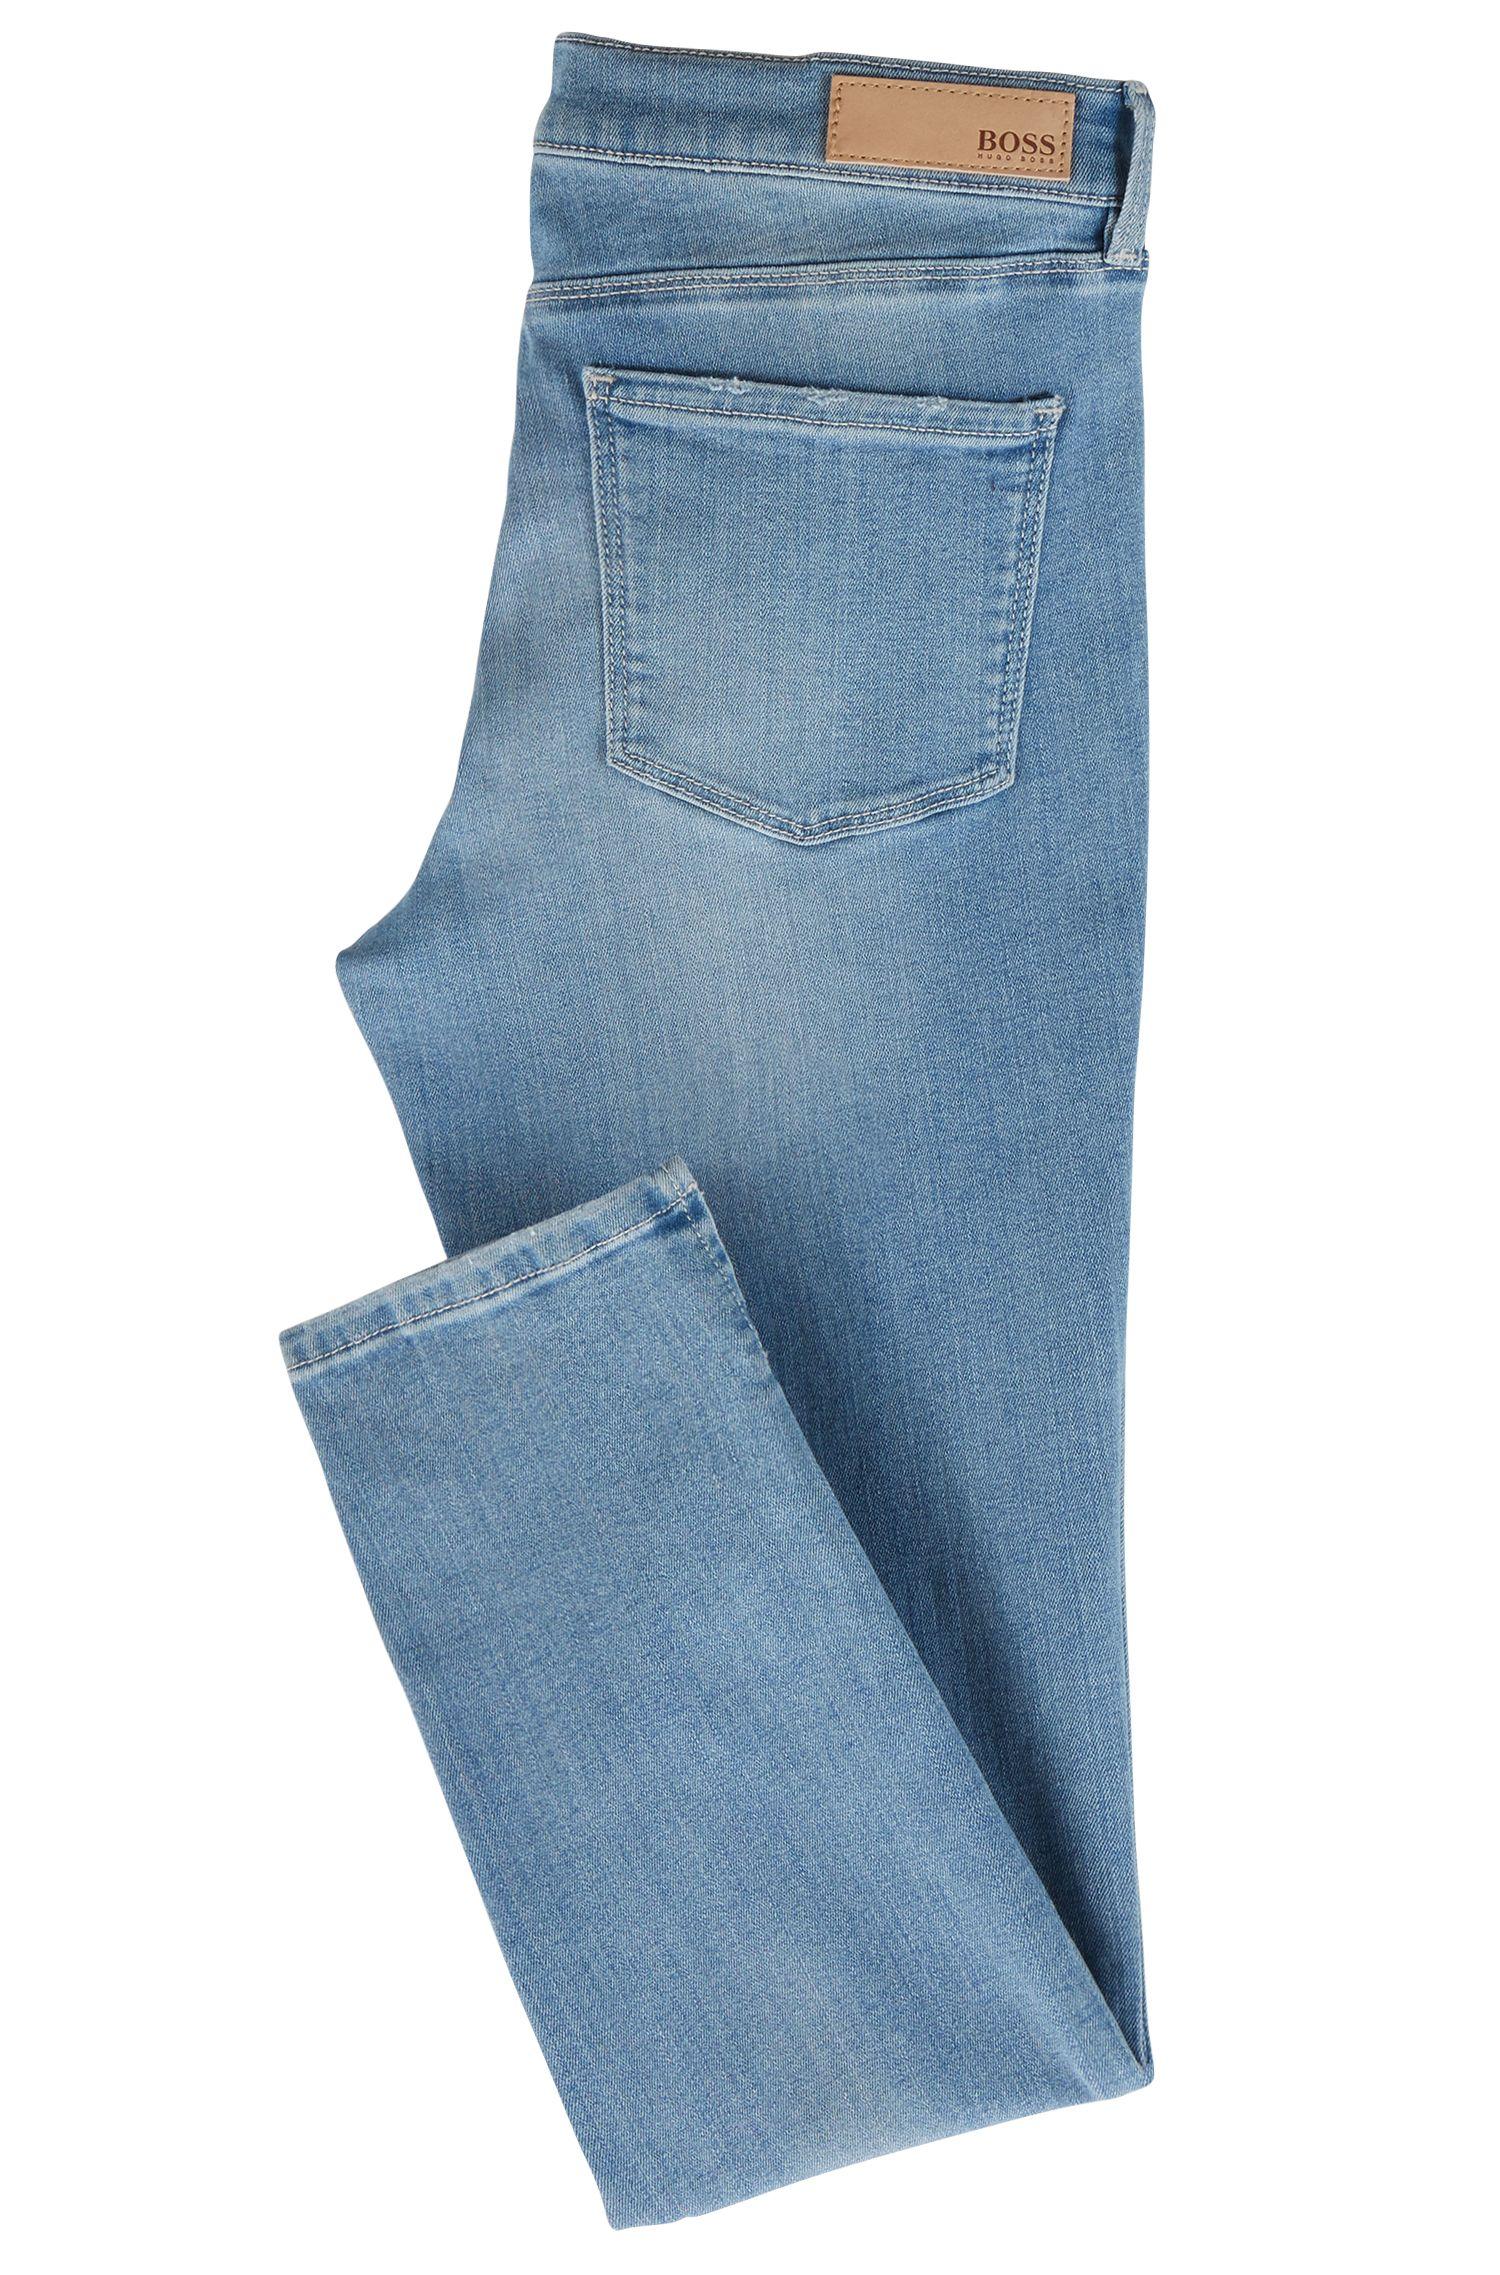 Jeans skinny fit in denim blu acceso con spacchi sul fondo gamba, Turchese